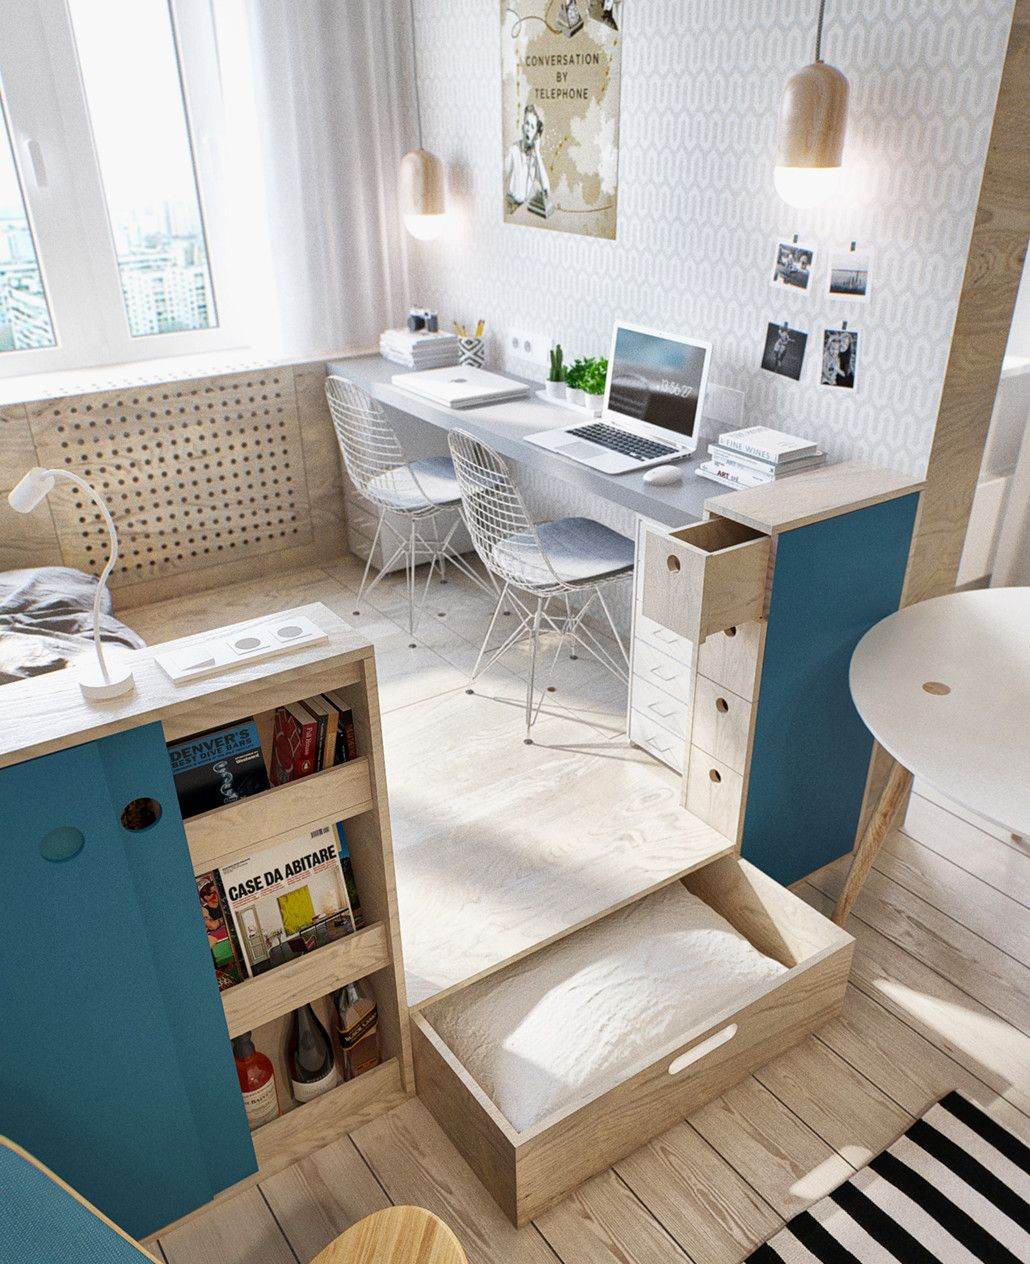 kleine wohnu, kleine wohnung modern und funktionell einrichten | mini vier wänd, Design ideen